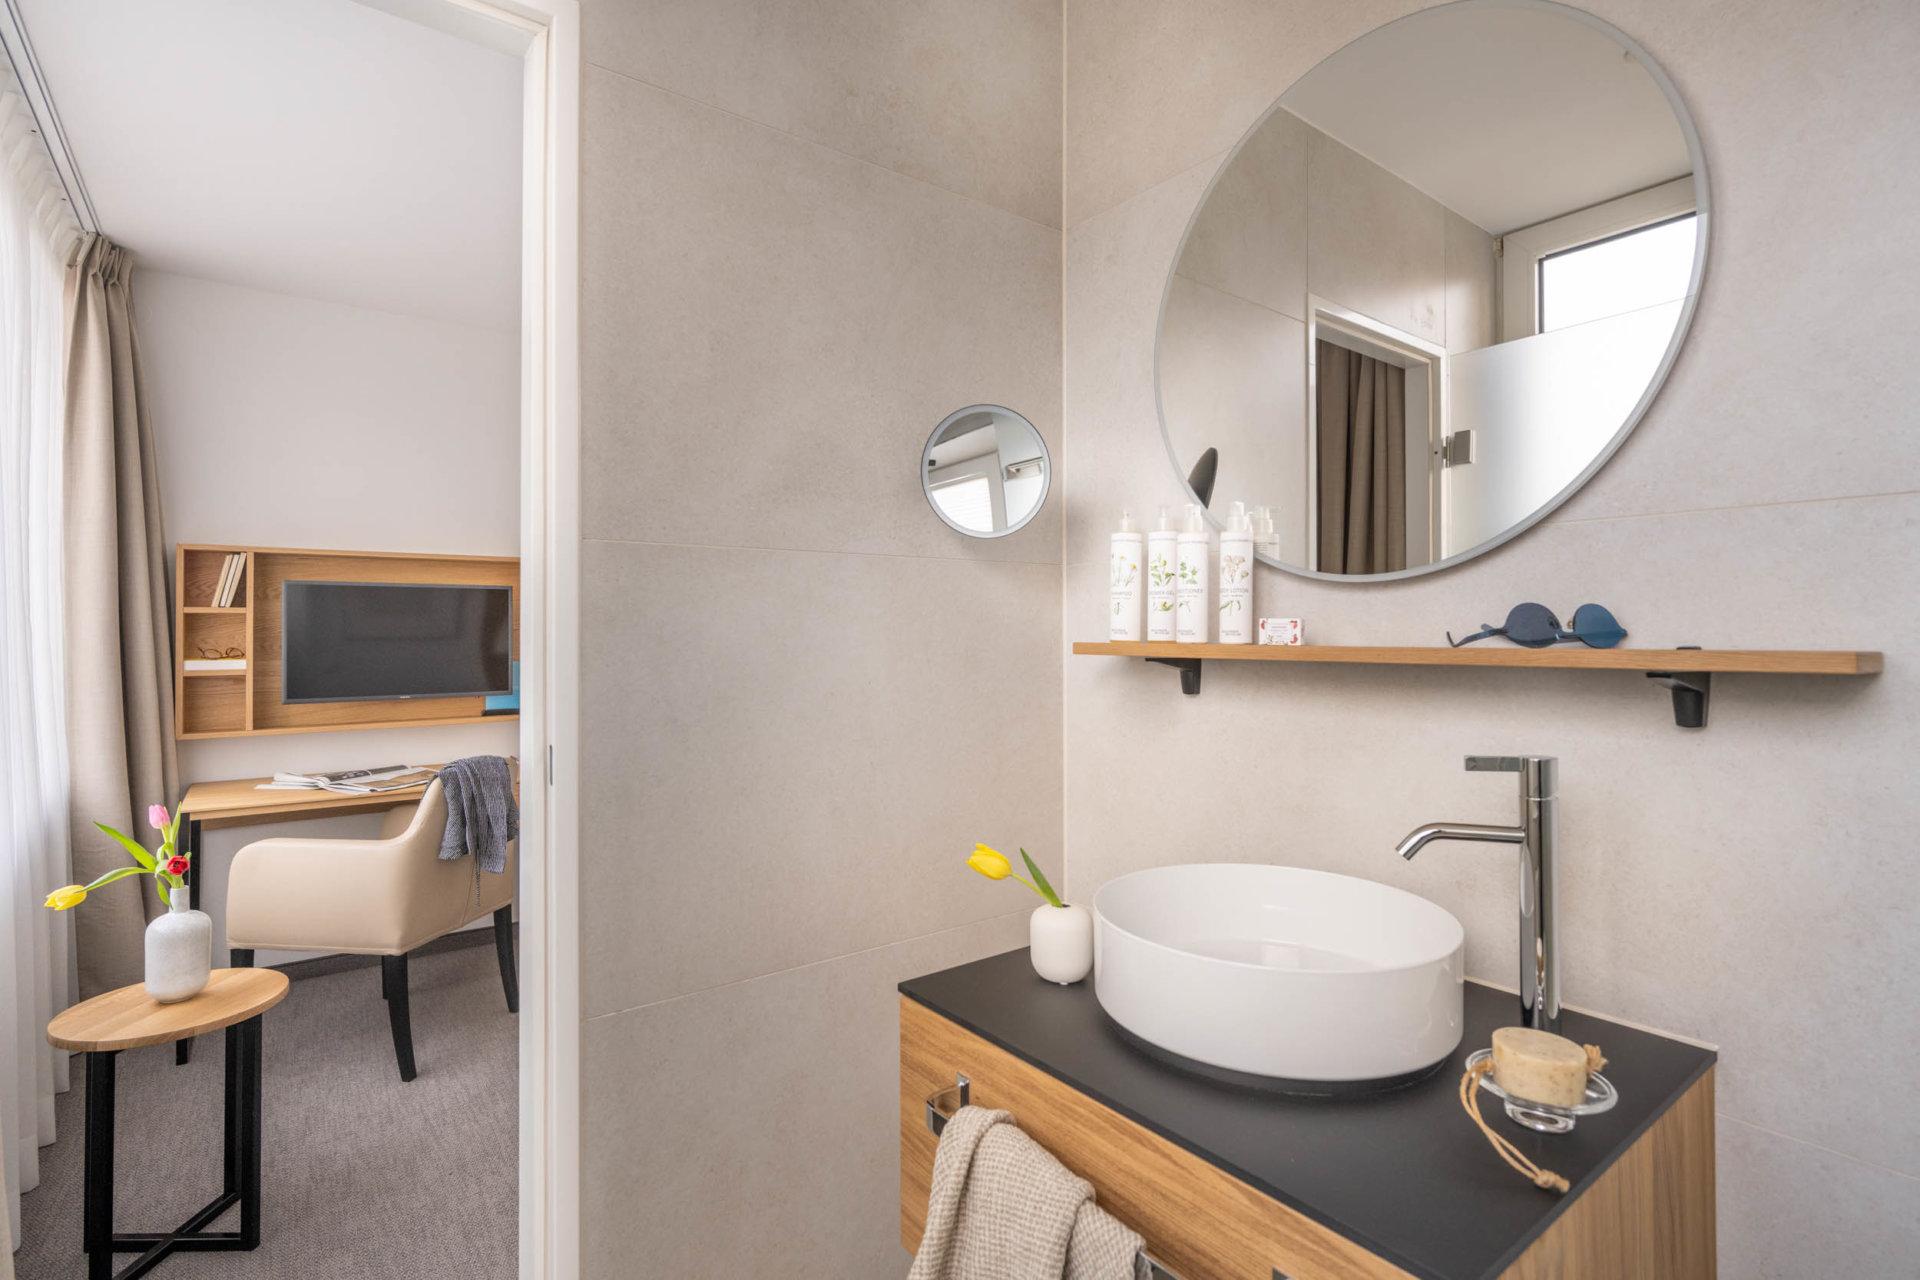 Standard Zimmer Haupthaus Badezimmer und Blicks ins Zimmer